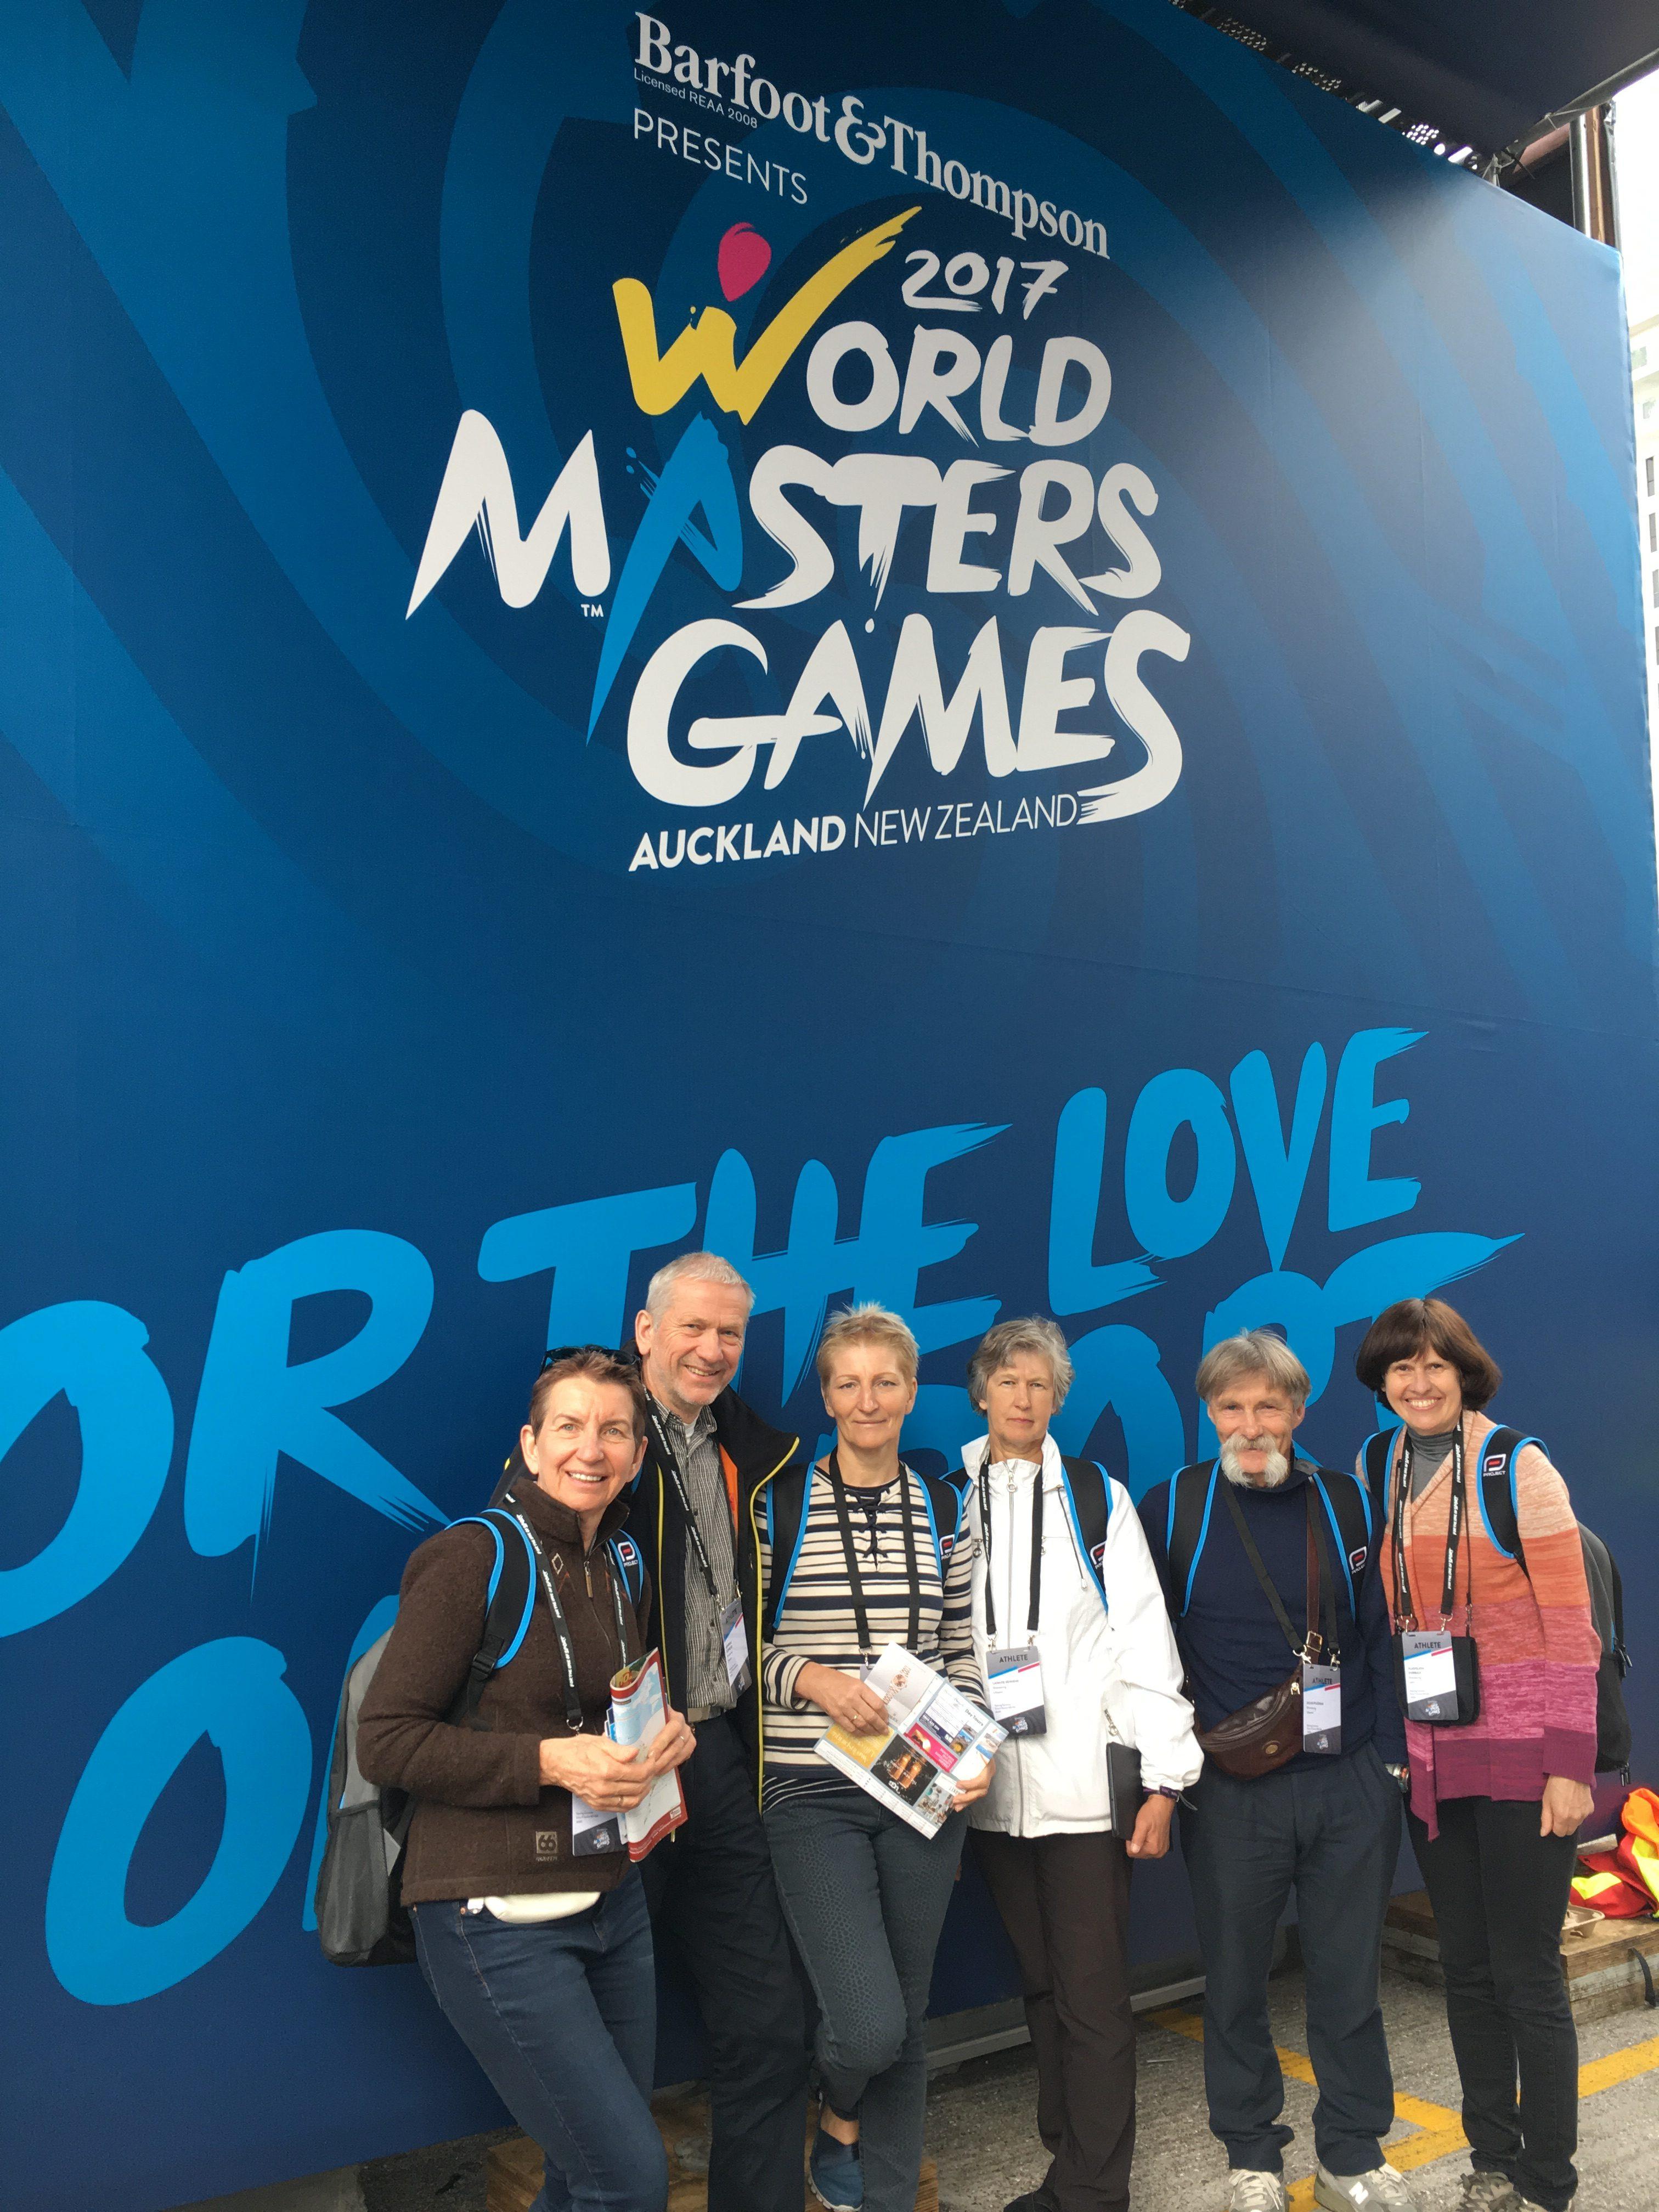 Lietuvos delegacija pasaulio veteranų čempionate Naujojoje Zelandijoje